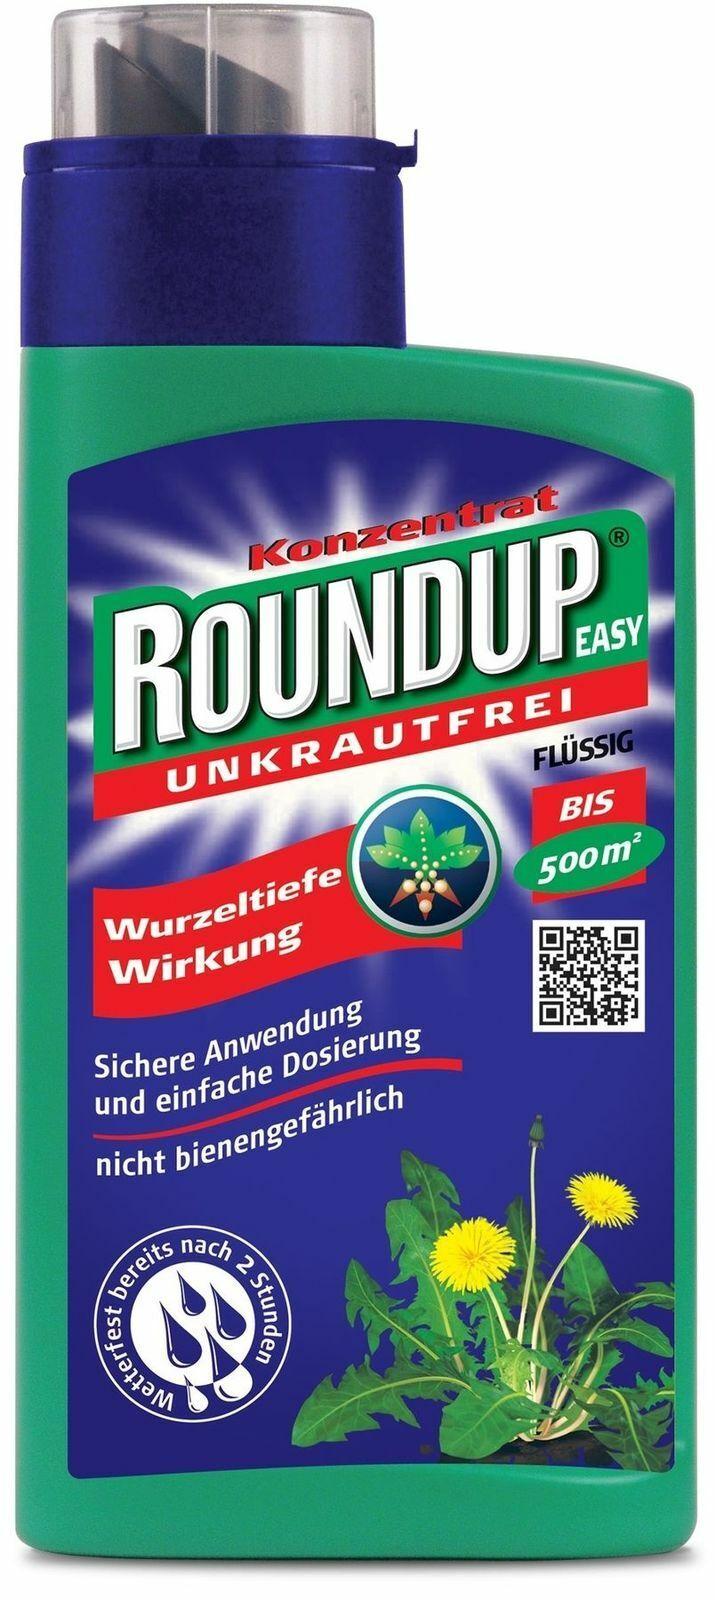 Roundup Easy Unkrautfrei 500 ml Konzentrat Unkrautvernichter Unkrautfrei